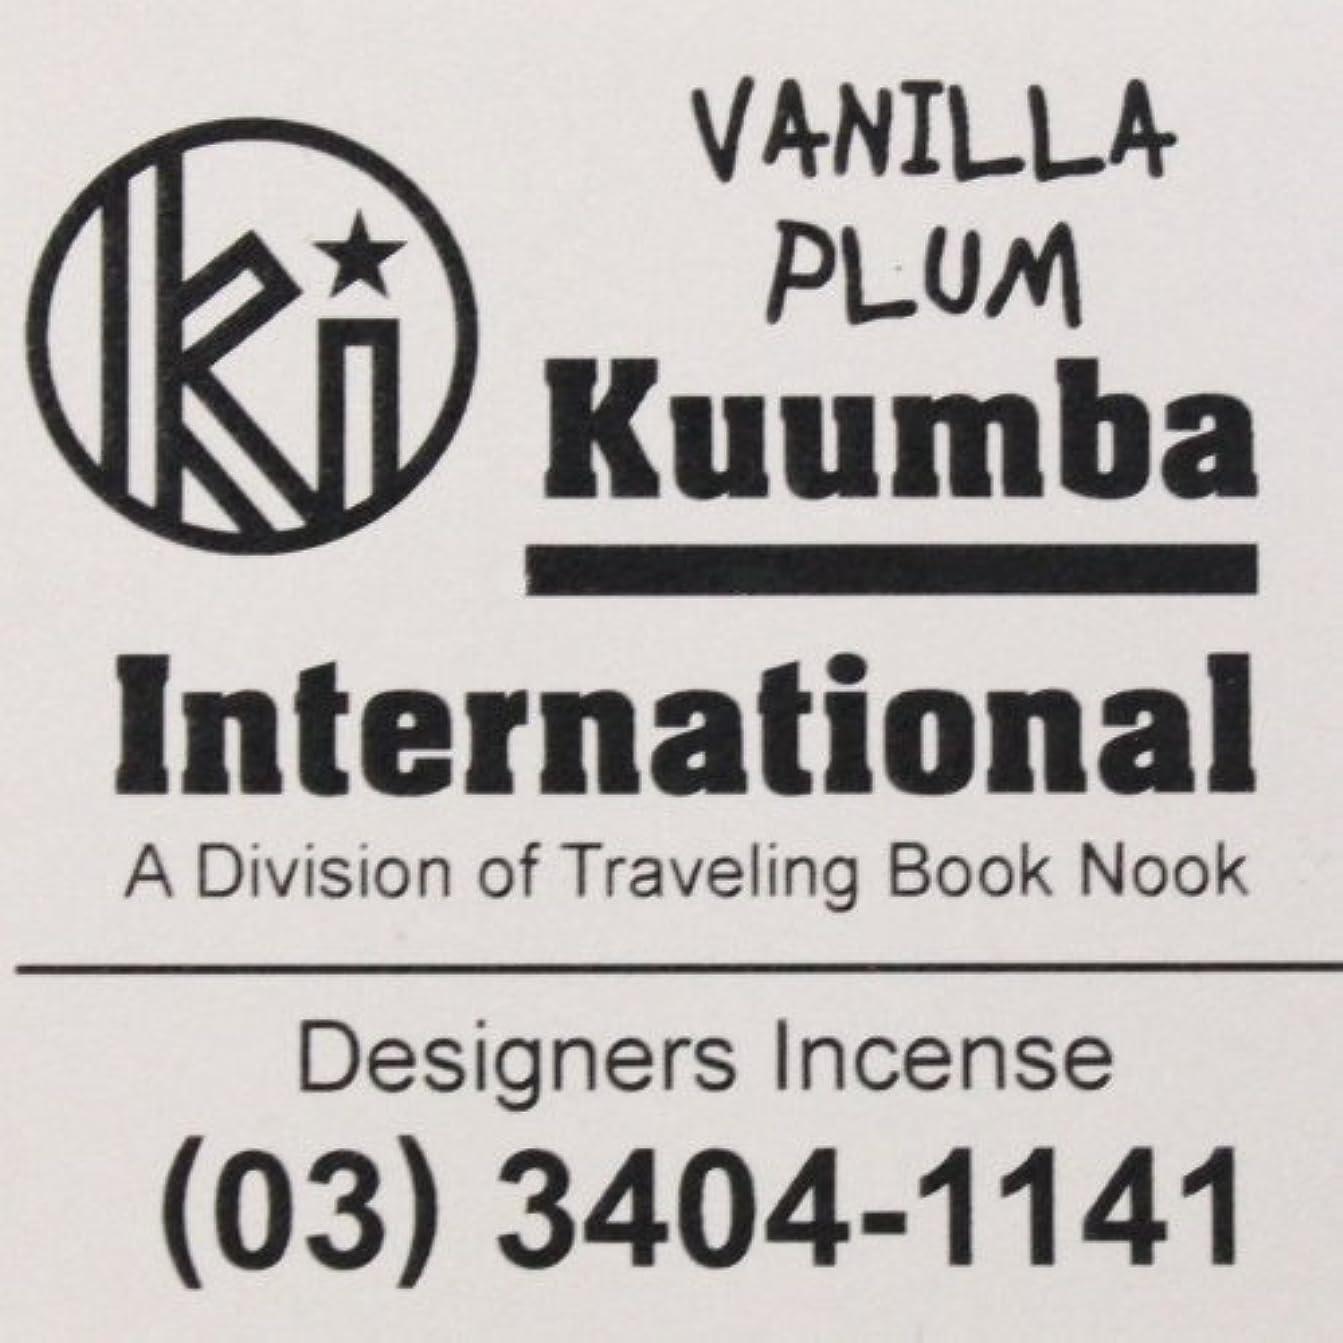 オーバーフロー現れる二次KUUMBA (クンバ)『incense』(VANILLA PLUM) (Regular size)